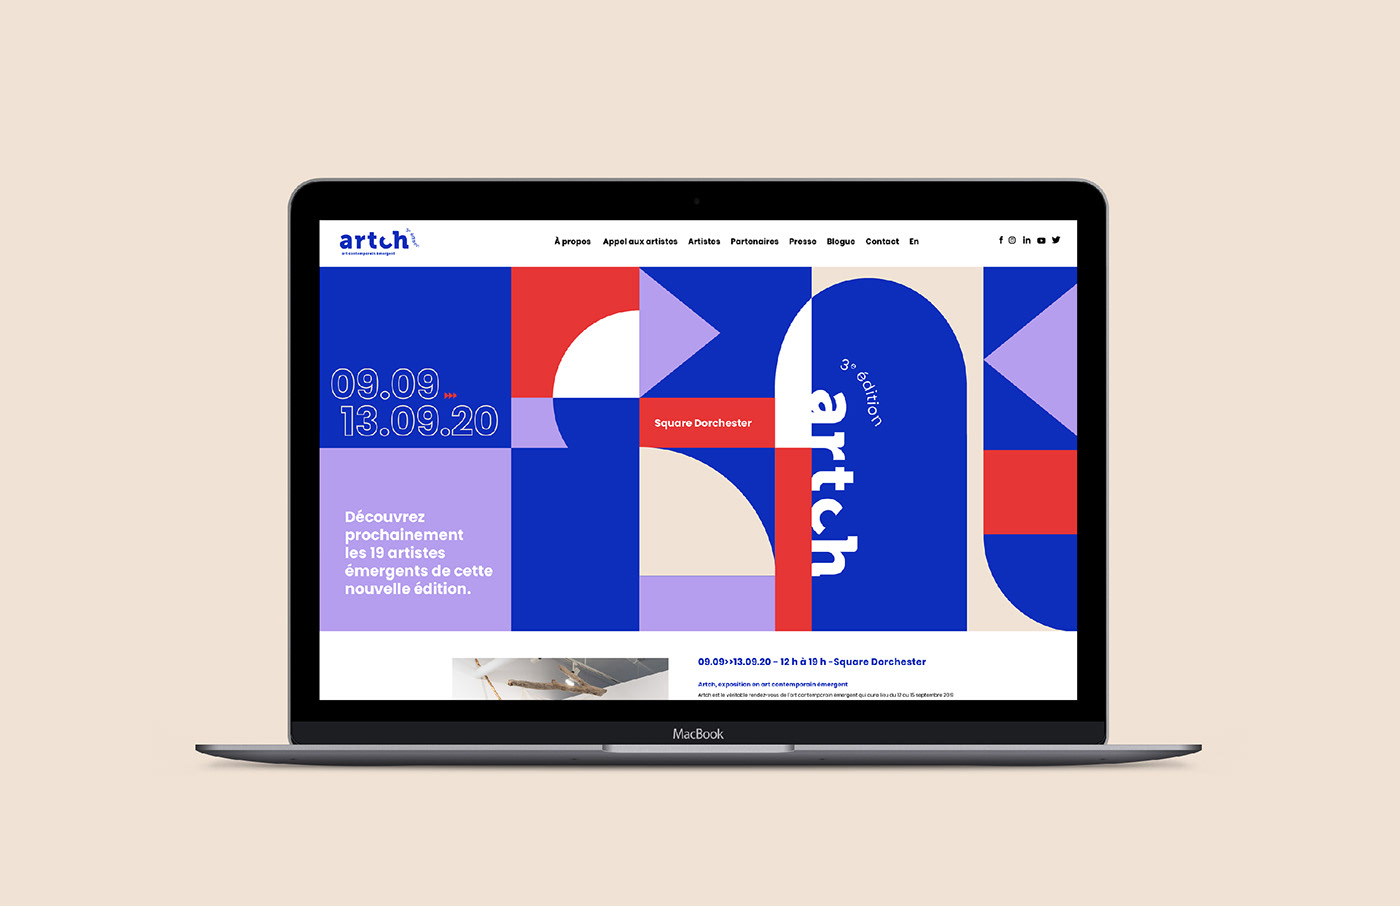 Image may contain: screenshot, computer and abstract